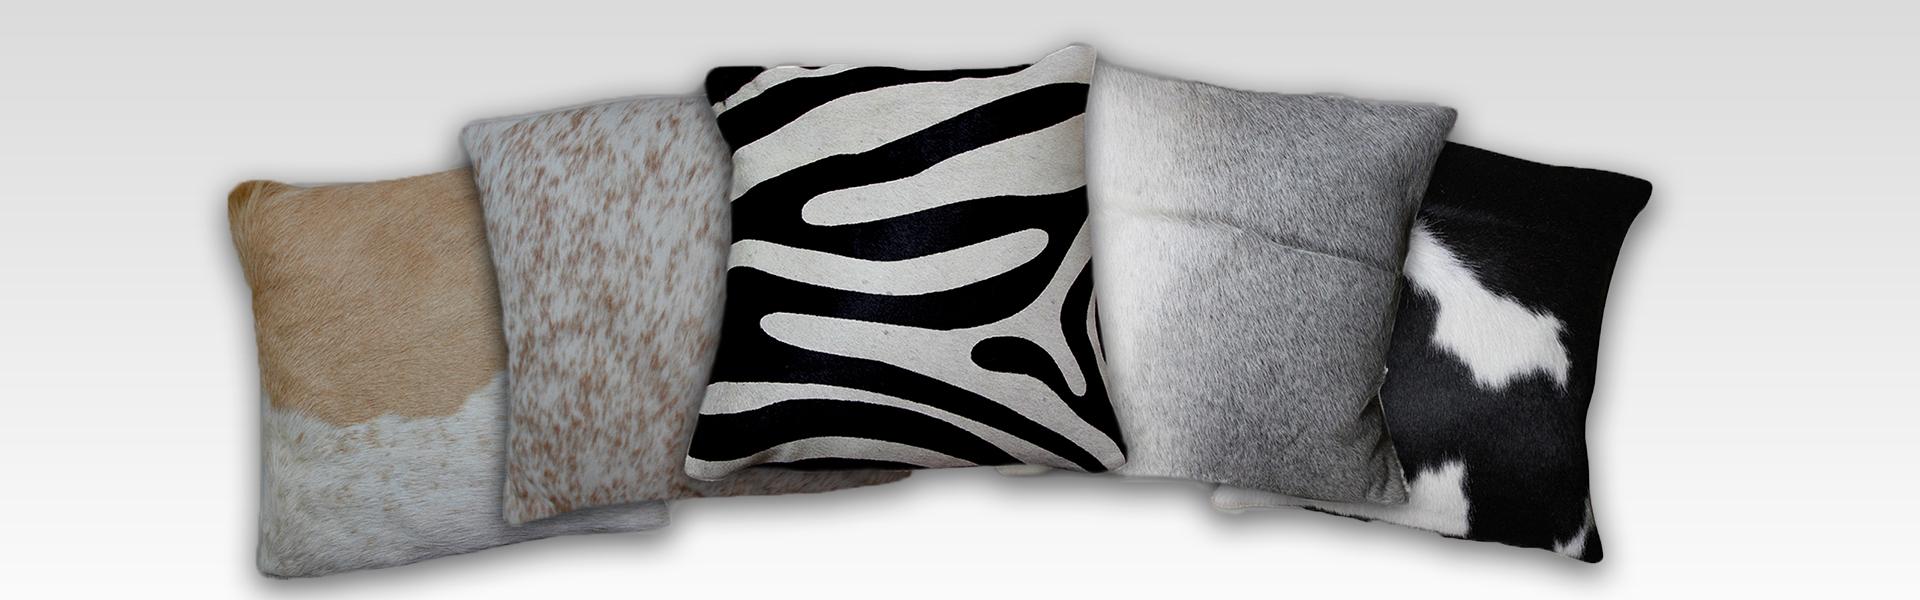 Cowhide Cushions